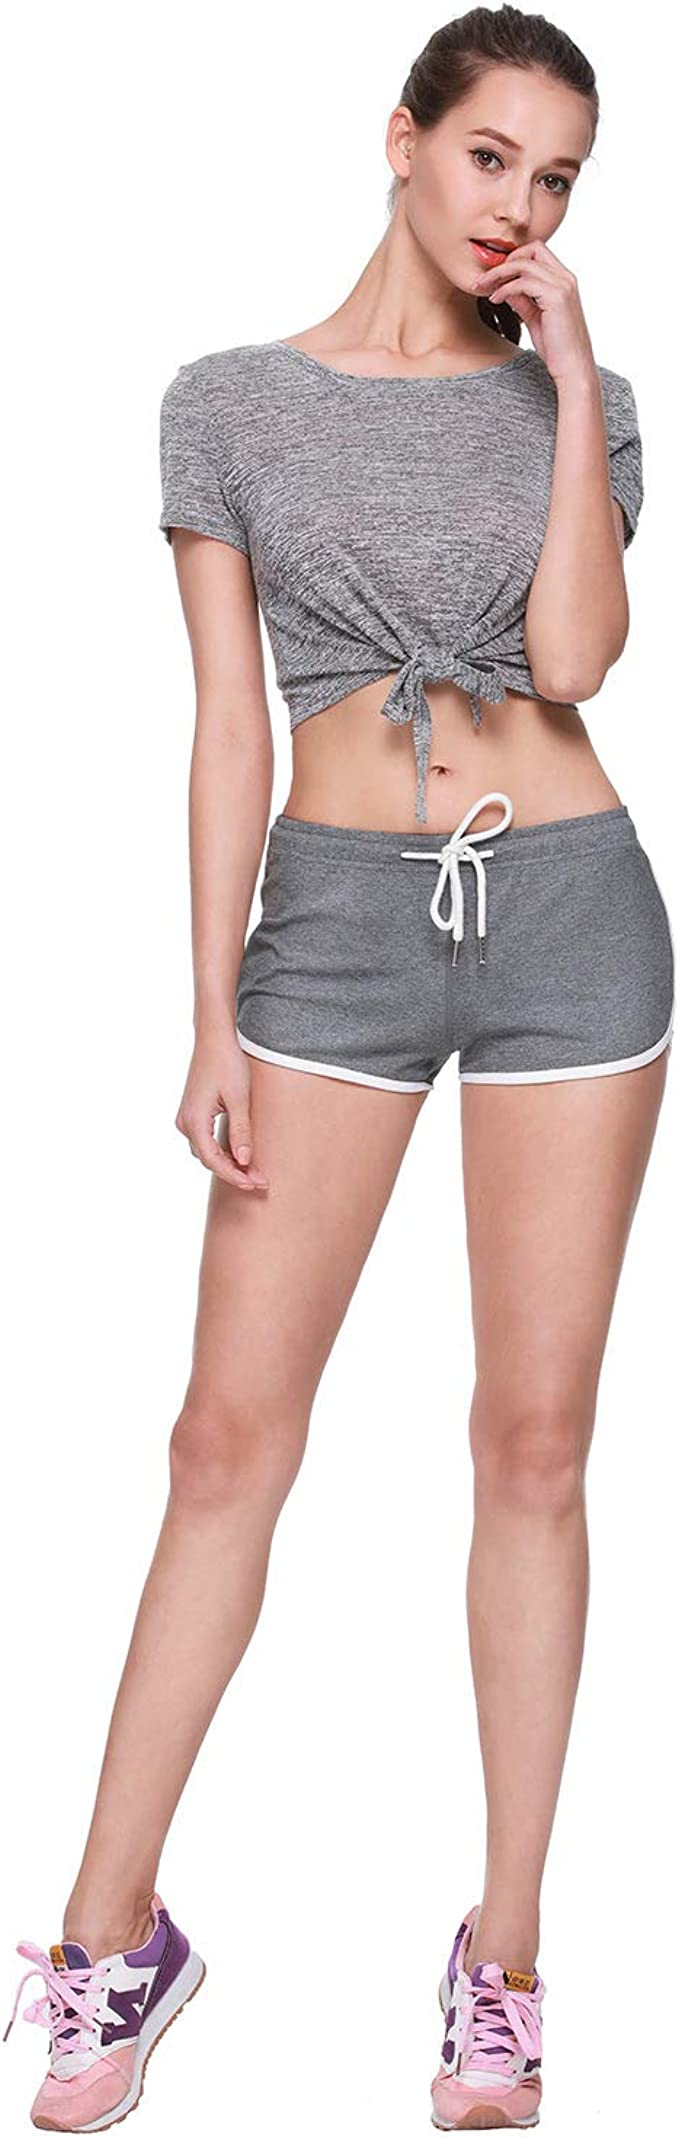 Osne4u Women Running Shorts Workout Yoga Short Pants Athletic Jogger Booty Shorts Elastic Waist with Drawstring Black